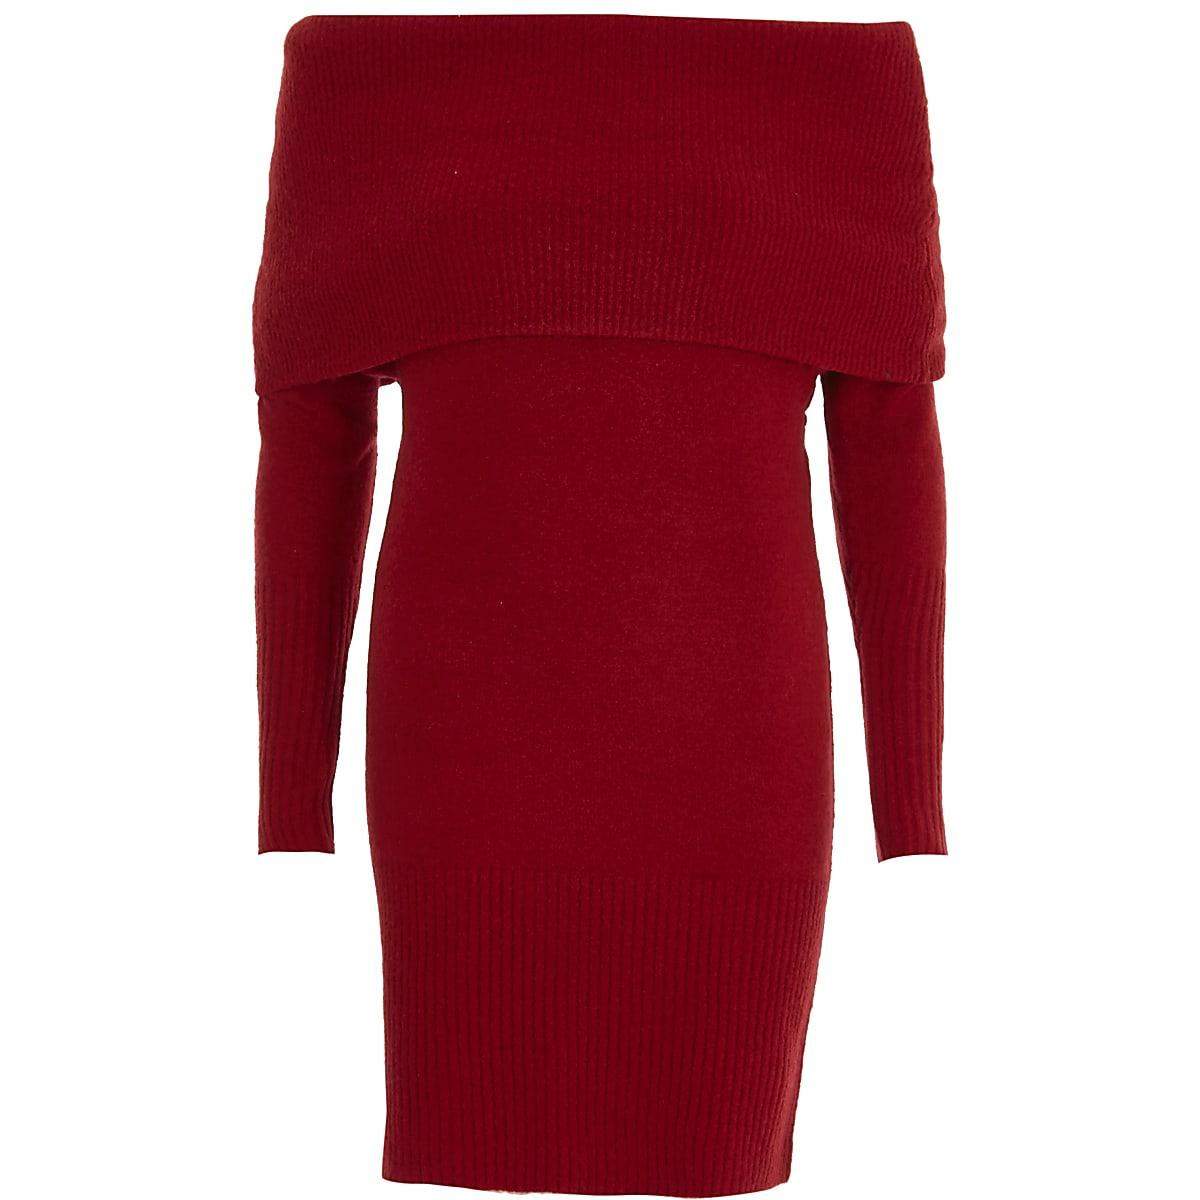 Red foldover bardot jumper dress